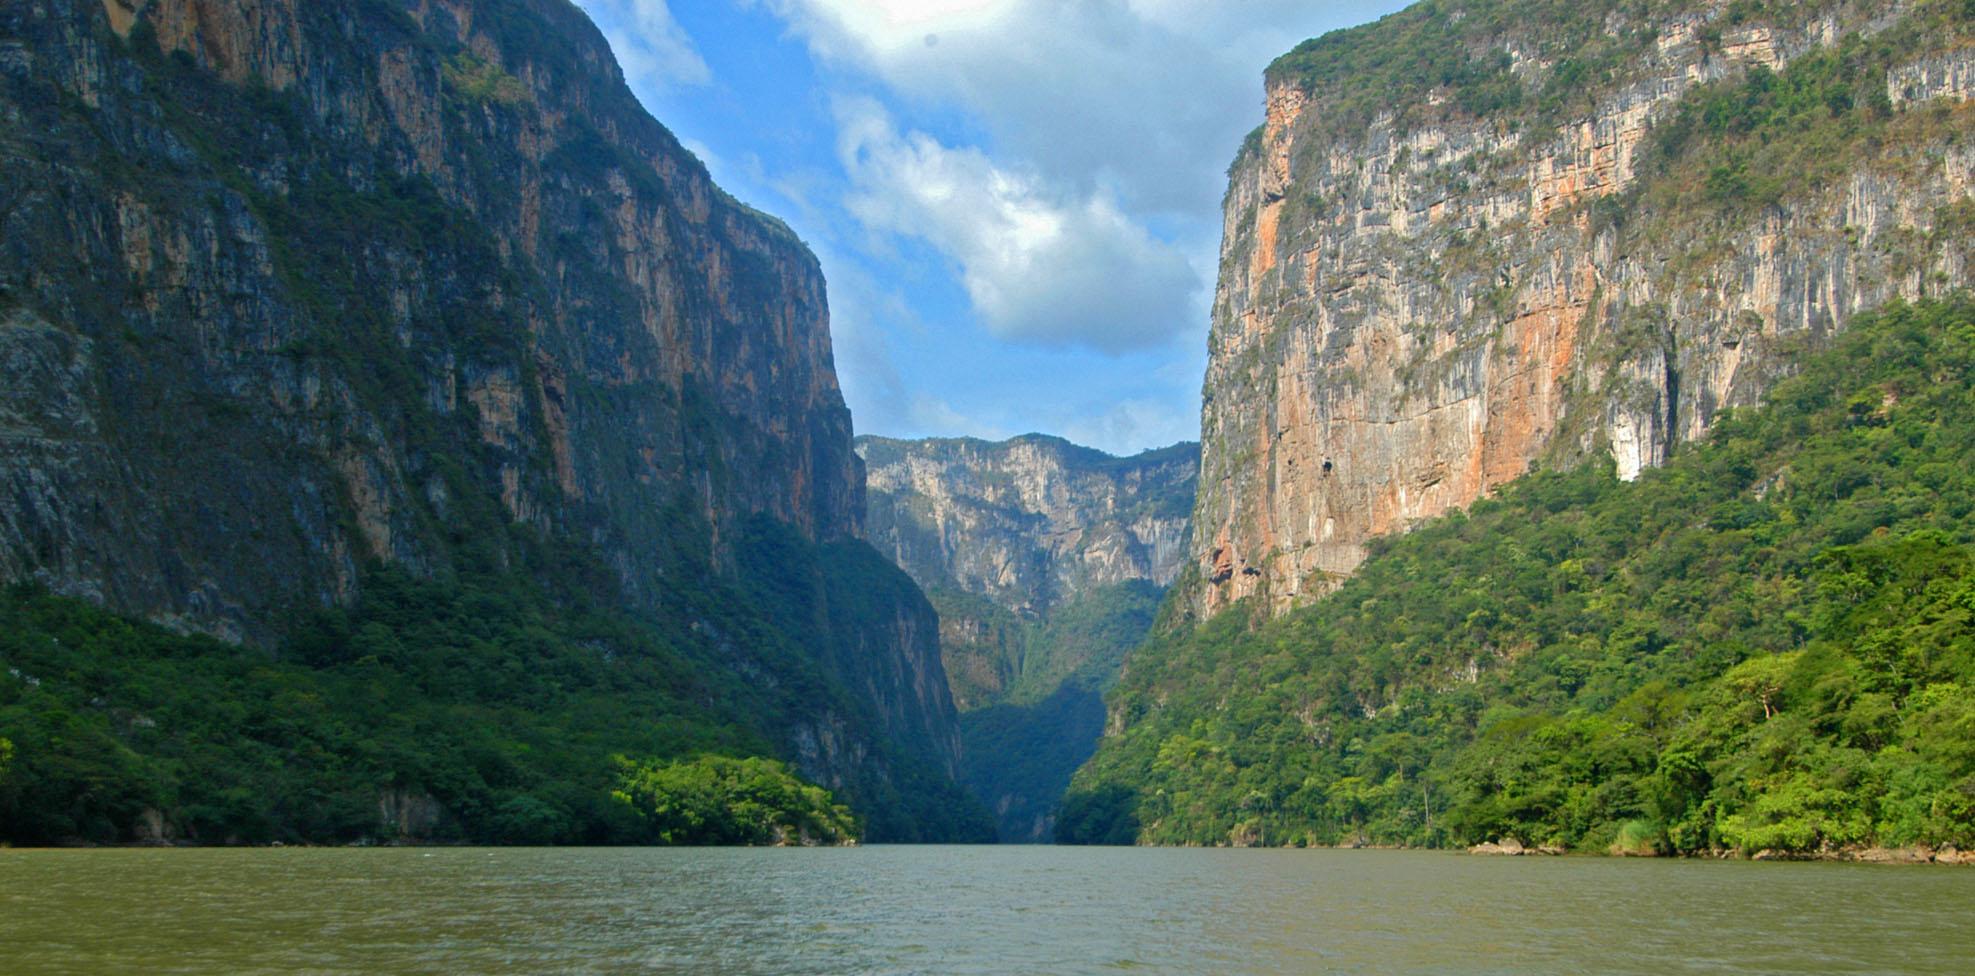 Cañón del Sumidero, en Chiapas.